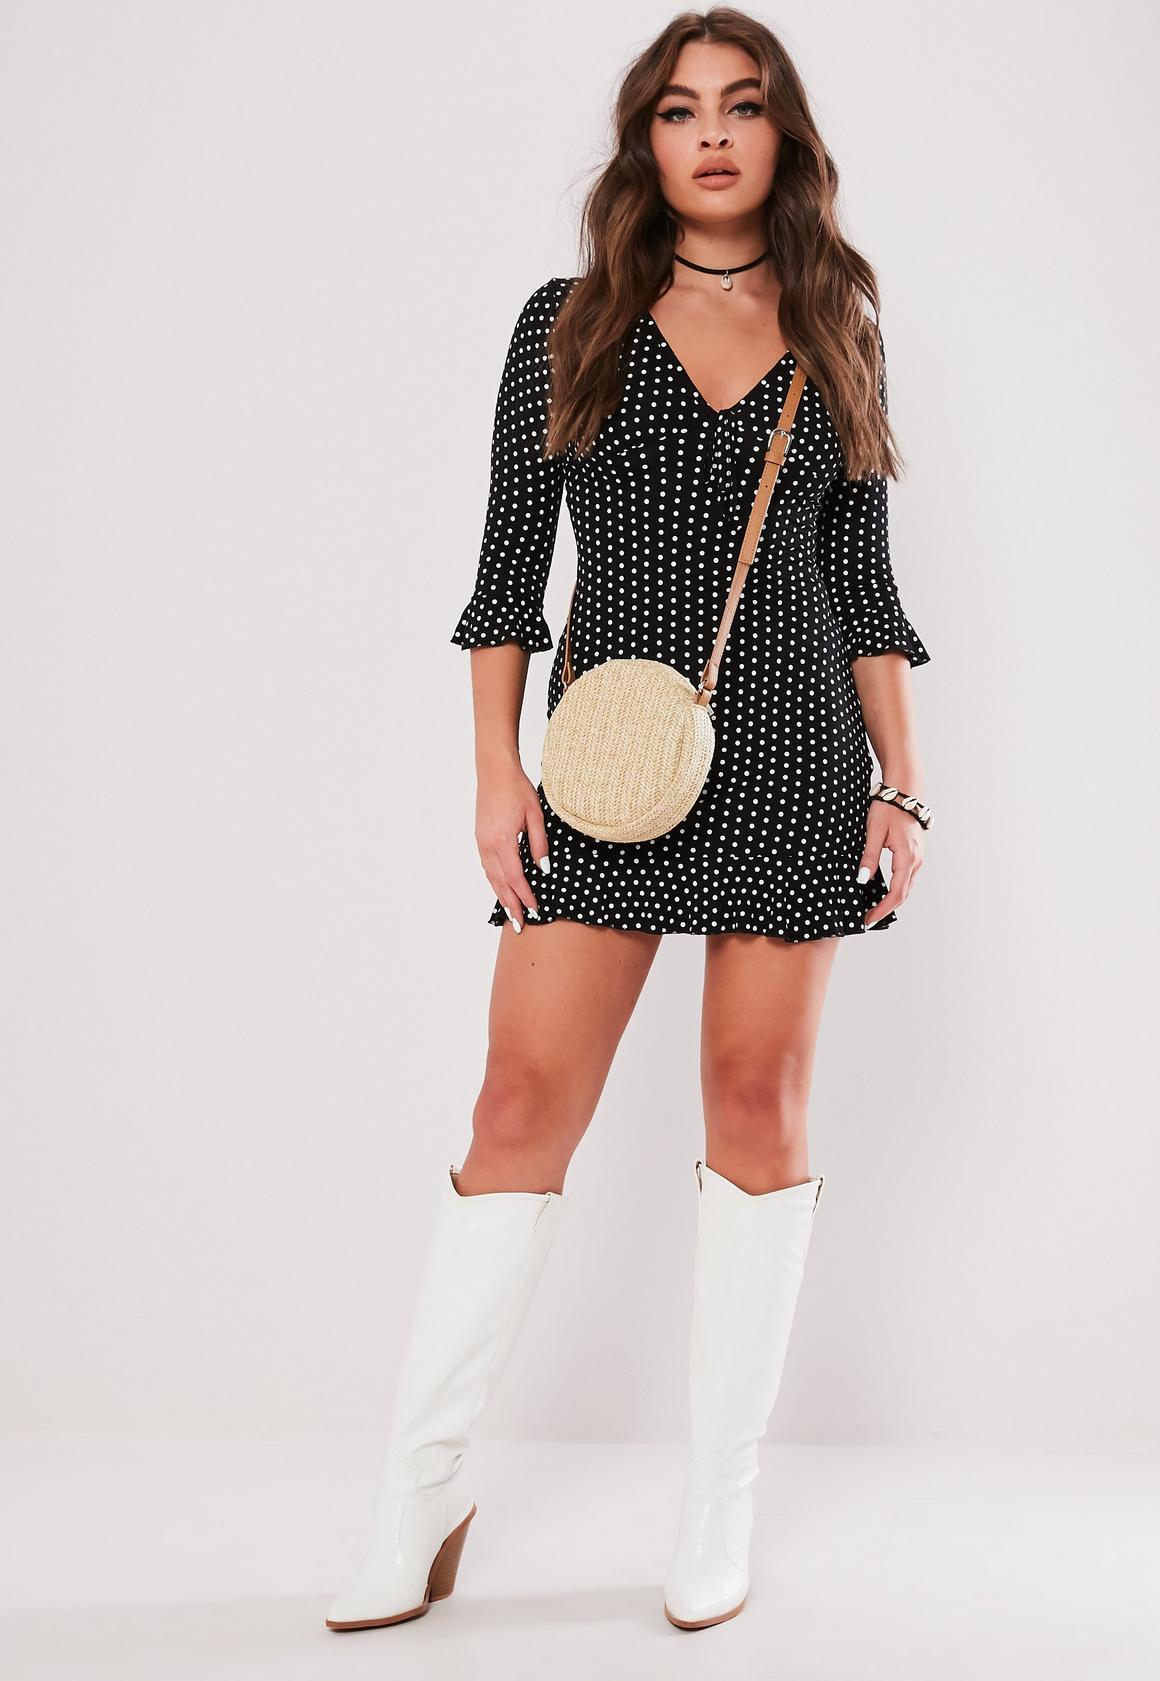 Black Polka Dot Print Frill Tea Dress | Missguided